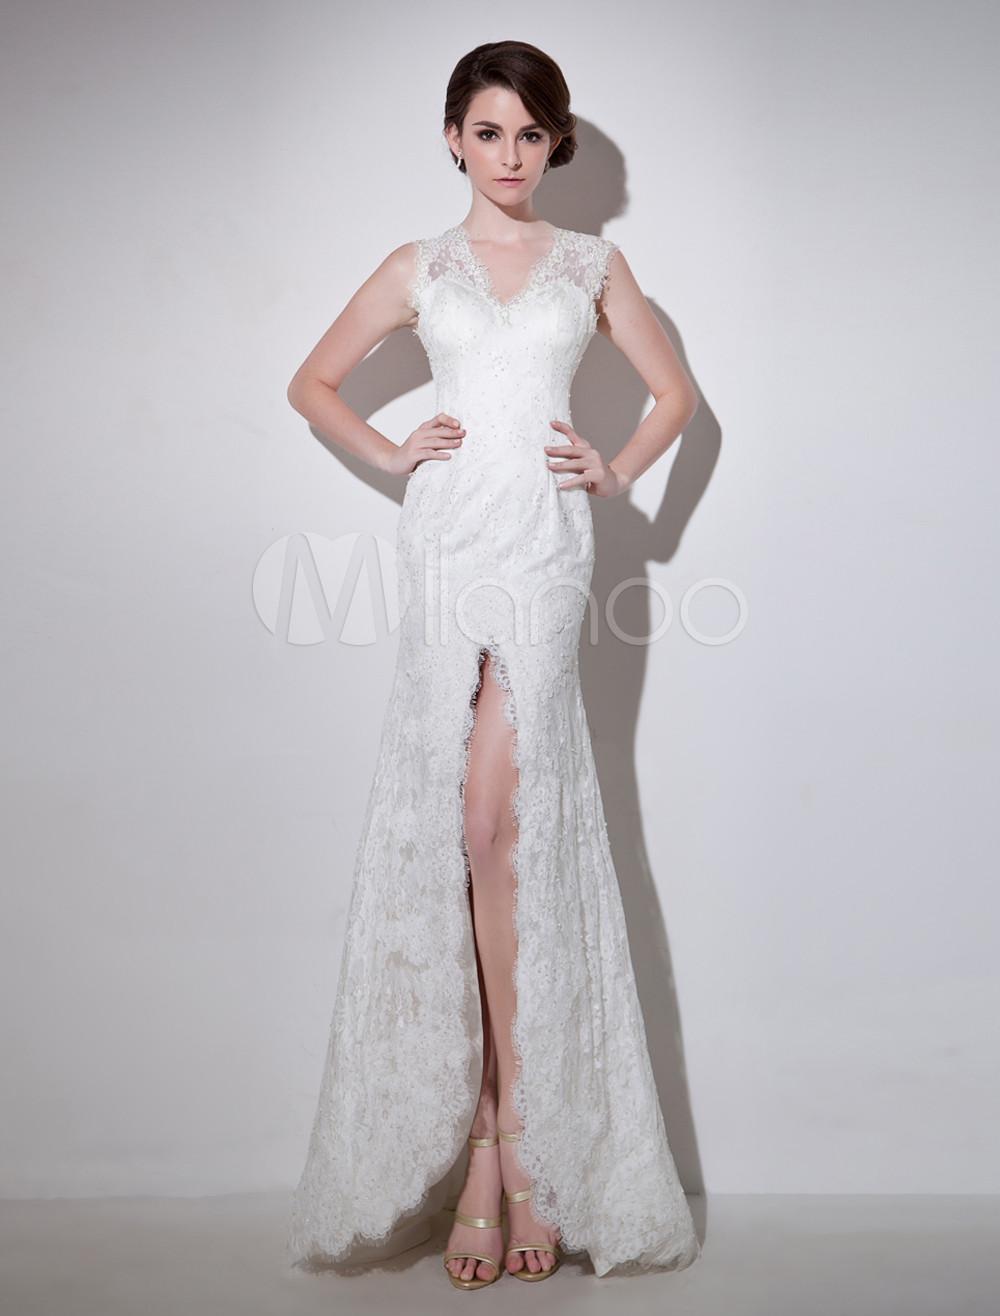 Etui brautkleid mit v ausschnitt milanoo etui stil flanevo for Milanoo abendkleider